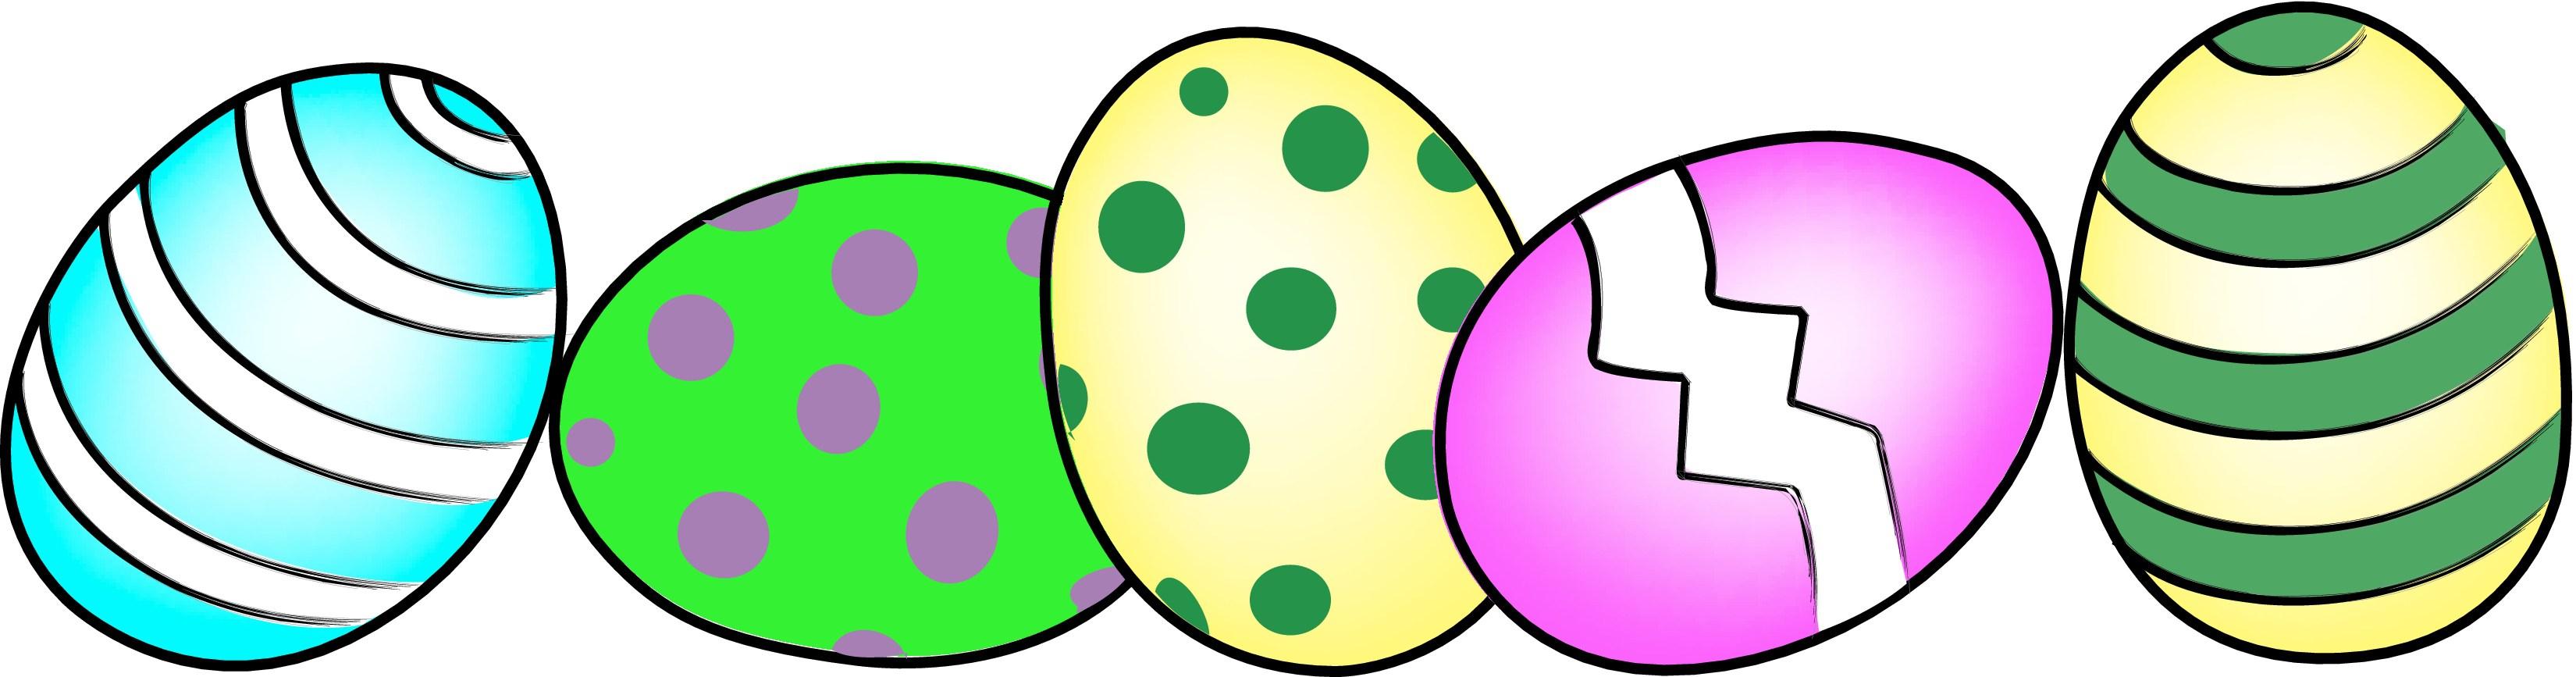 3300x867 Easter Egg Border Clip Art Cliparts